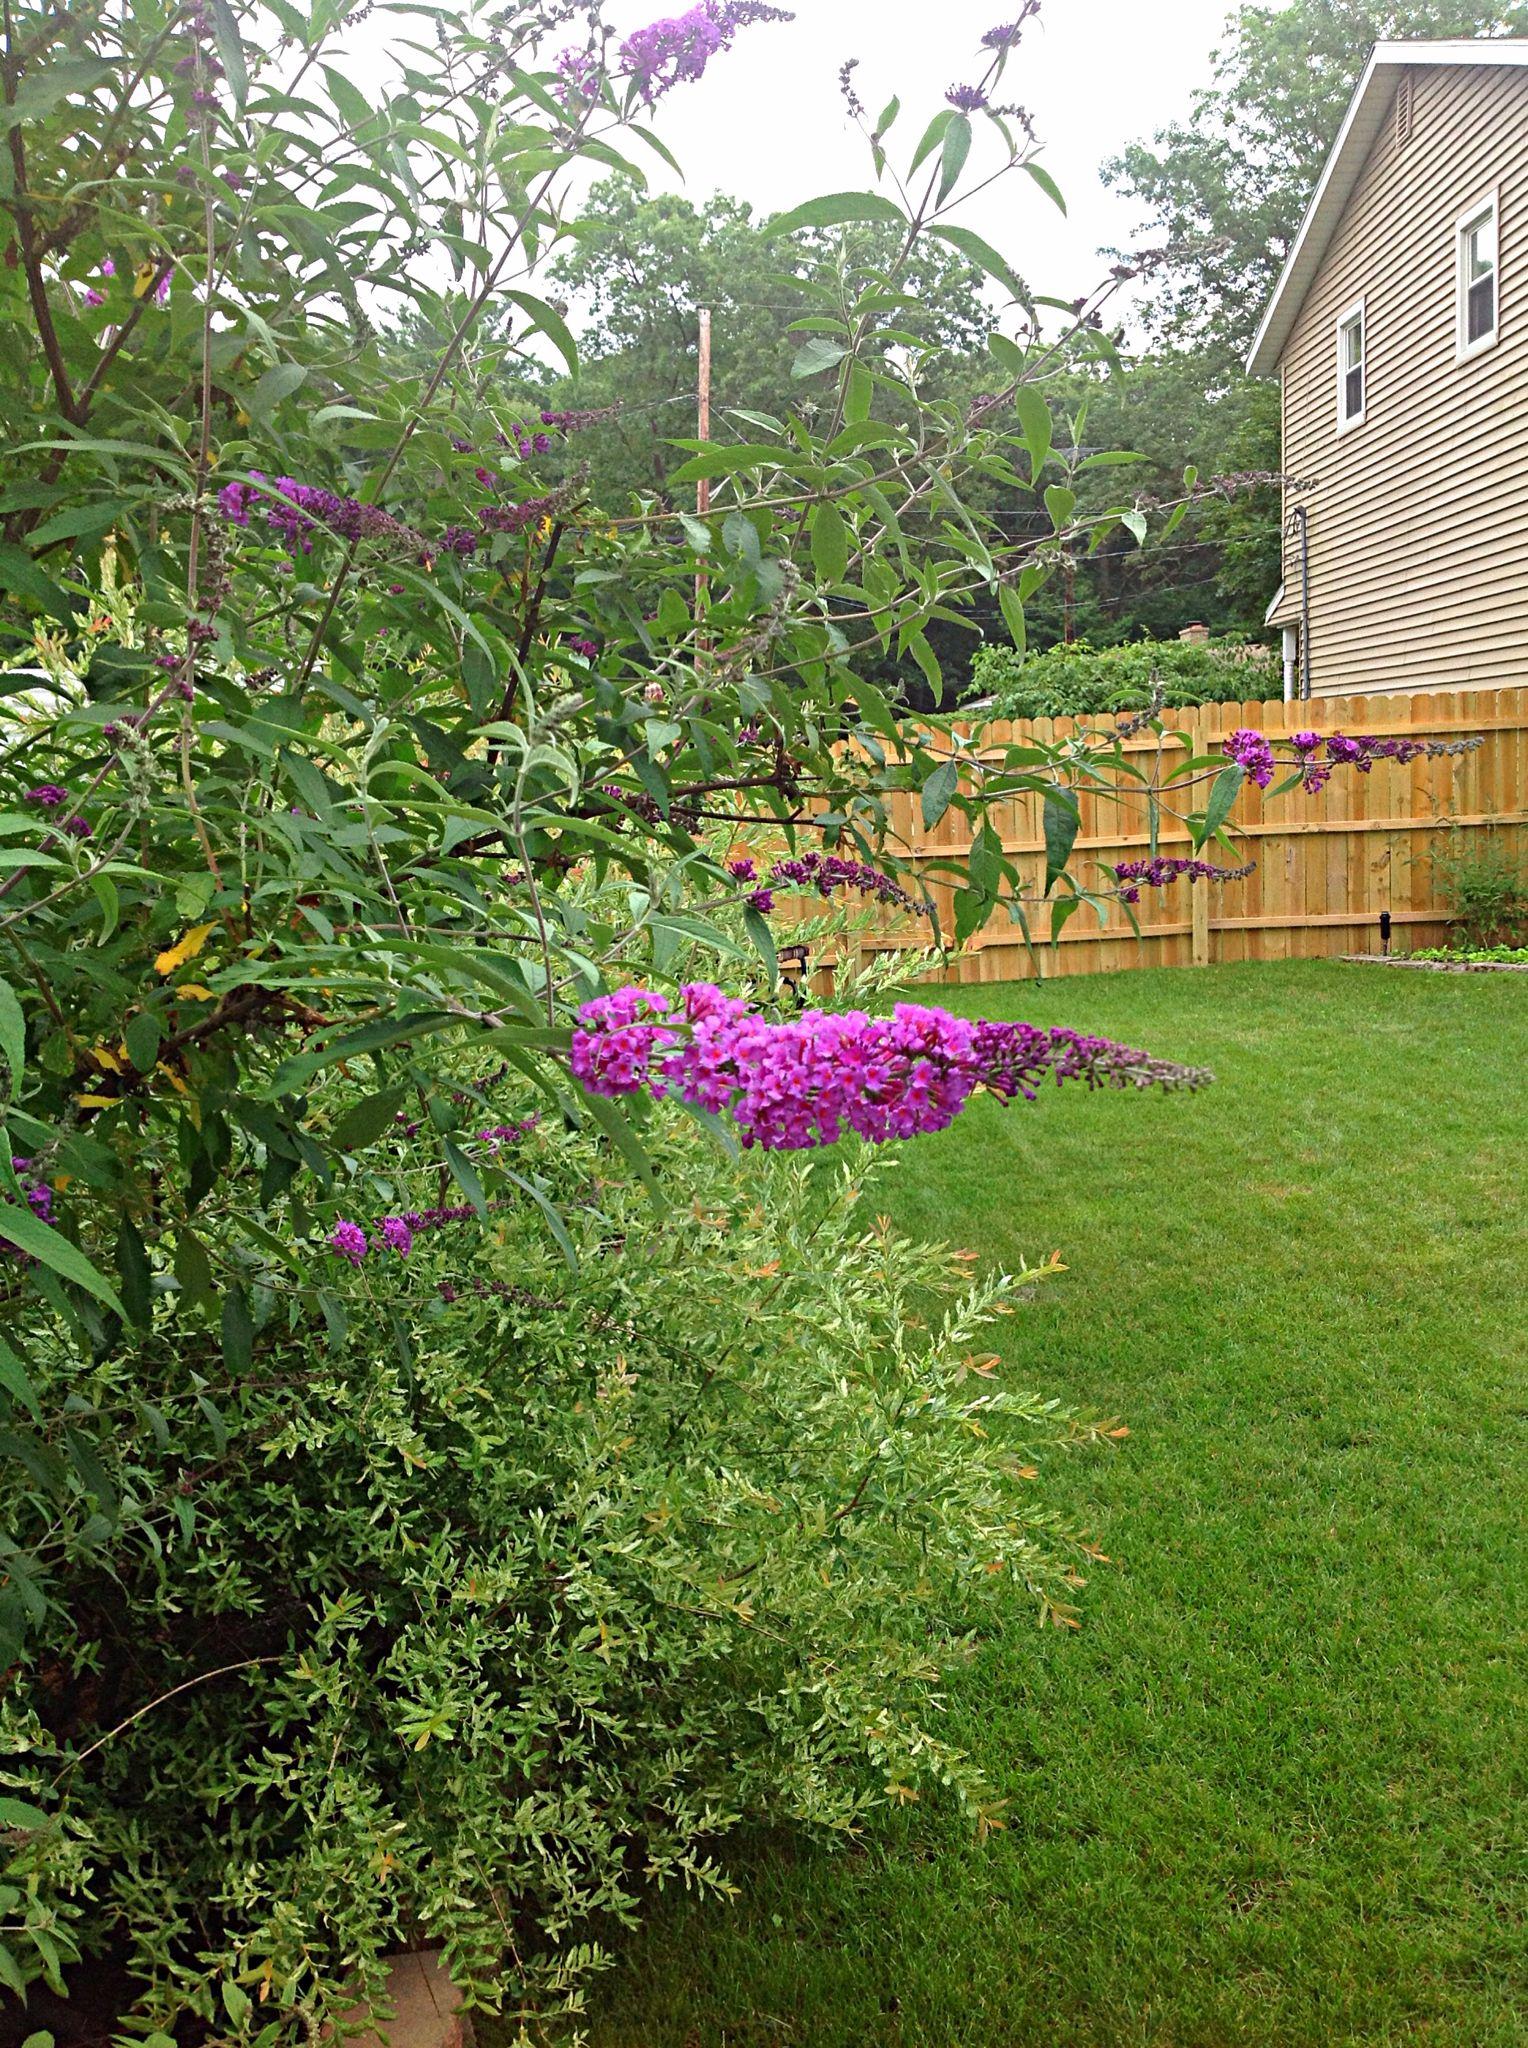 Butterfly bush in my garden